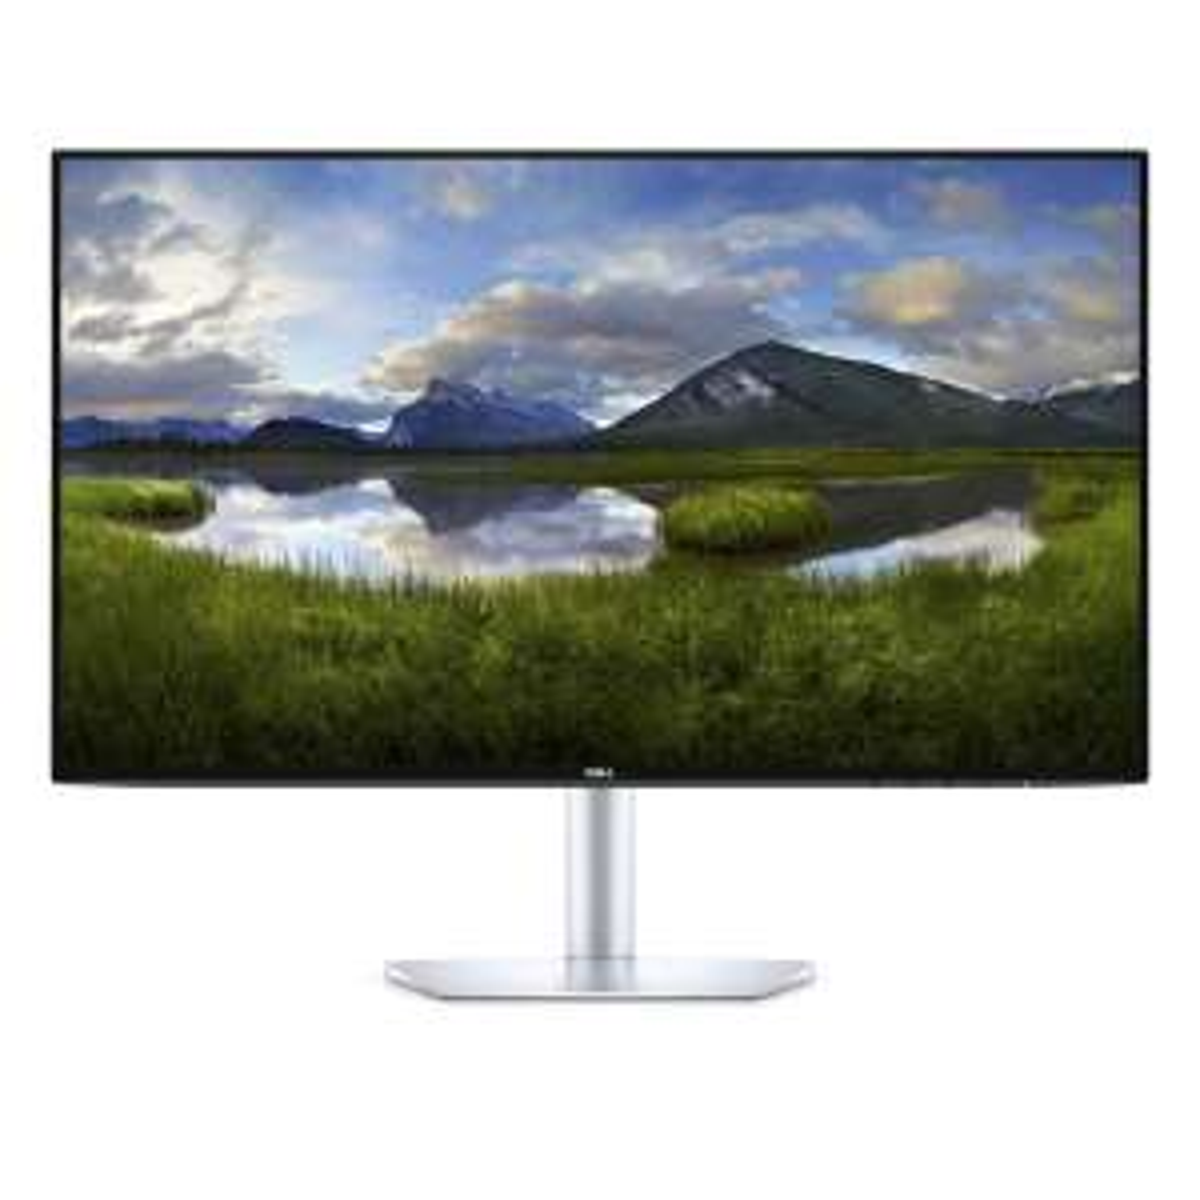 Sammeldeal: Office Partner Abverkauf Monitore Ausstellungsstücke/Retouren von Dell, AOC, LG, AOC, Samsung und mehr